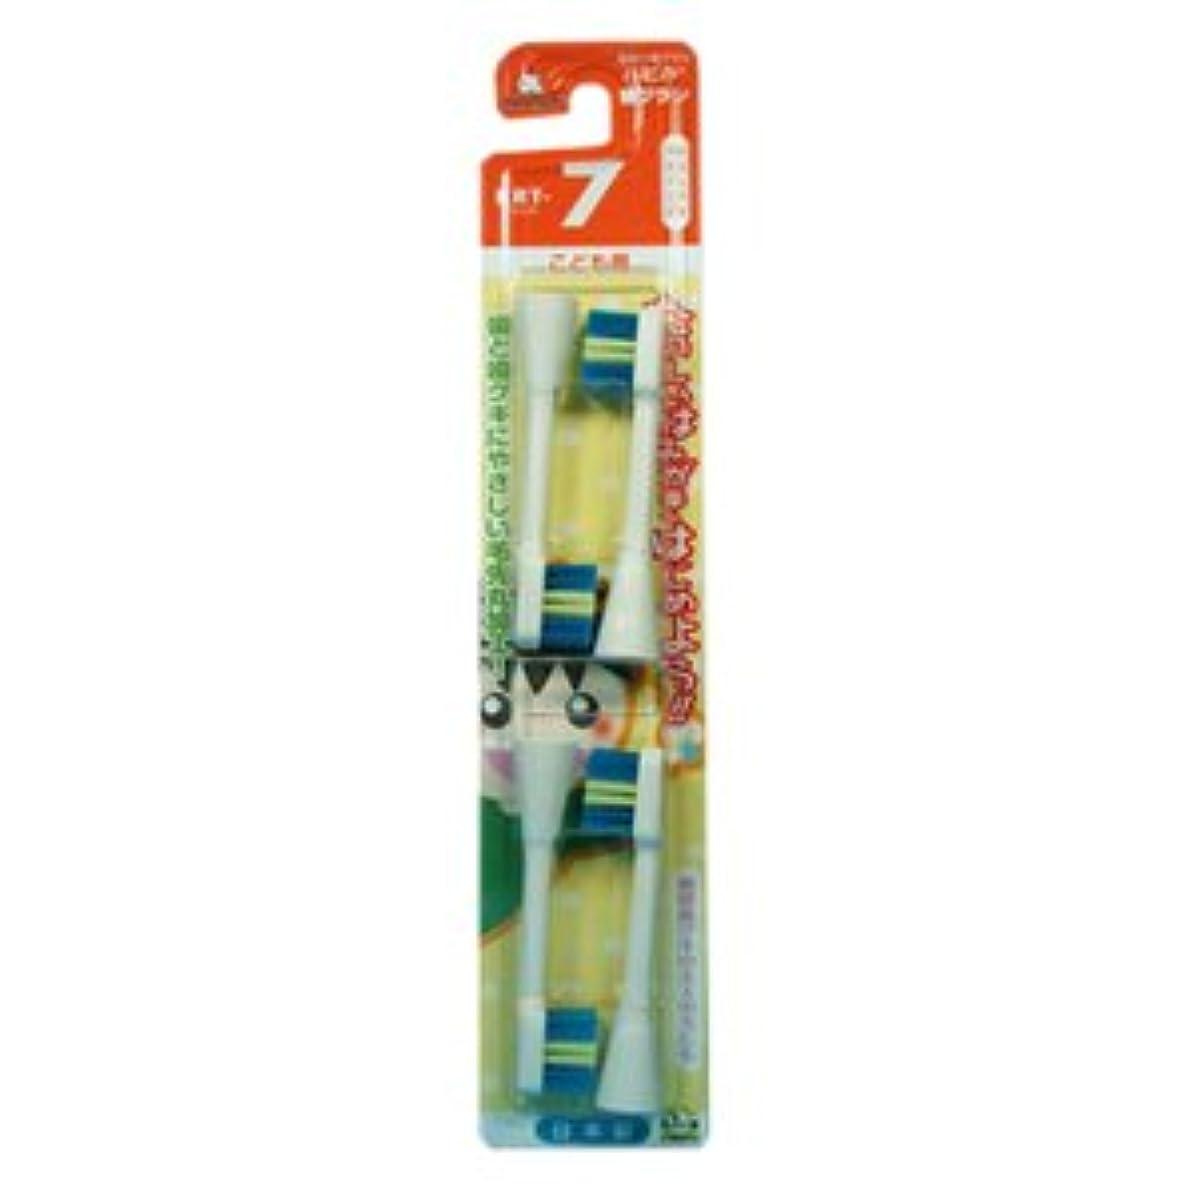 ガウンパンサー反逆者ミニマム 電動付歯ブラシ ハピカ 専用替ブラシ こども用 毛の硬さ:やわらかめ BRT-7 4個入